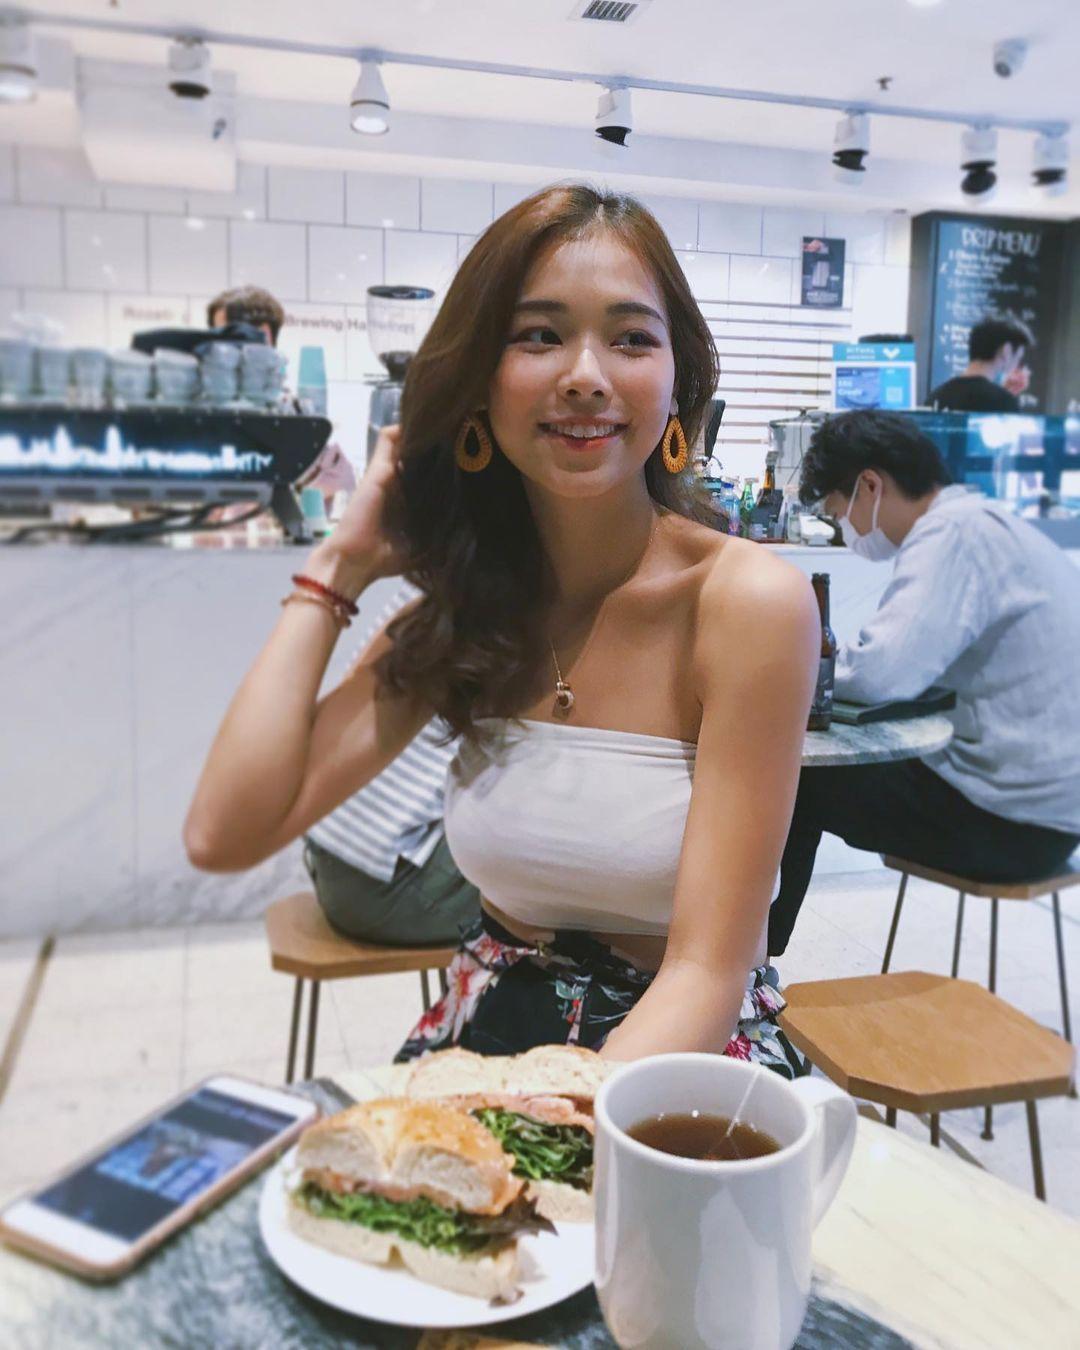 身形健康又美丽的瑜伽老师newayyee竟是香港空姐 宅猫猫 热图2